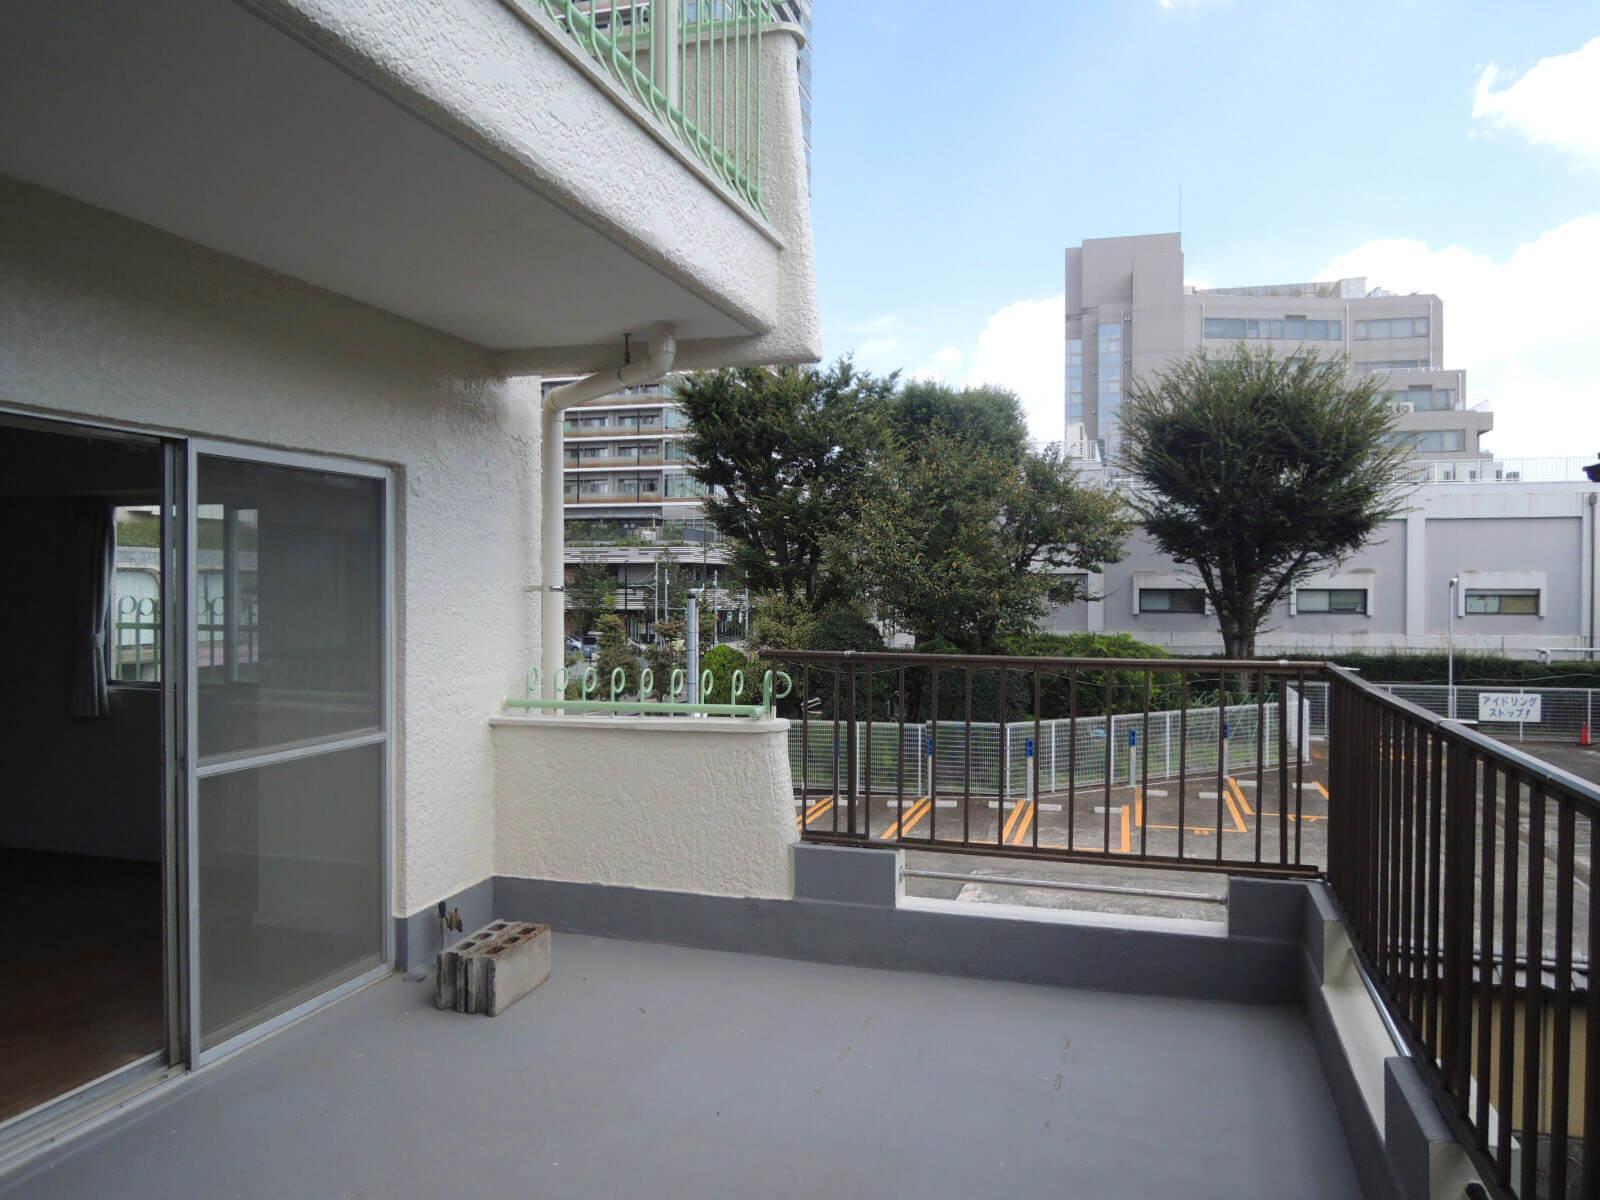 2階でも抜けのある眺望、日常使いがイメージしやすいバルコニーです